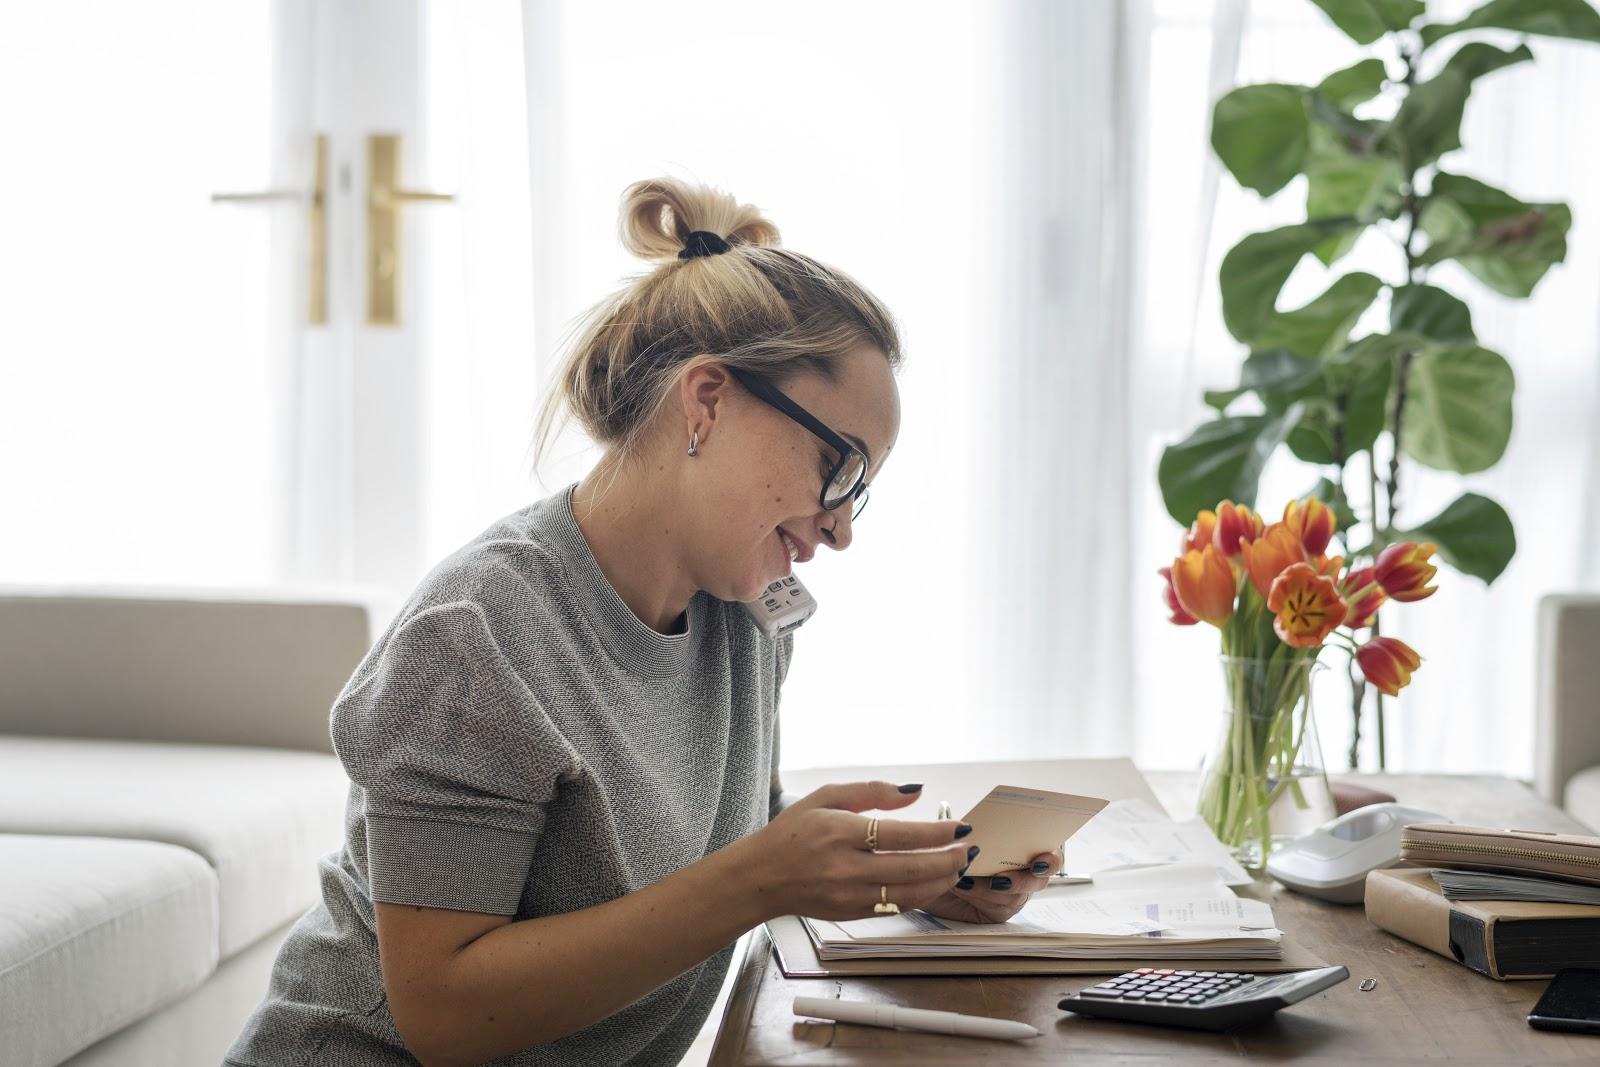 Mulher trabalhando em sua casa, no telefone e vendo suas notas fiscais para solicitar o reembolso da empresa.